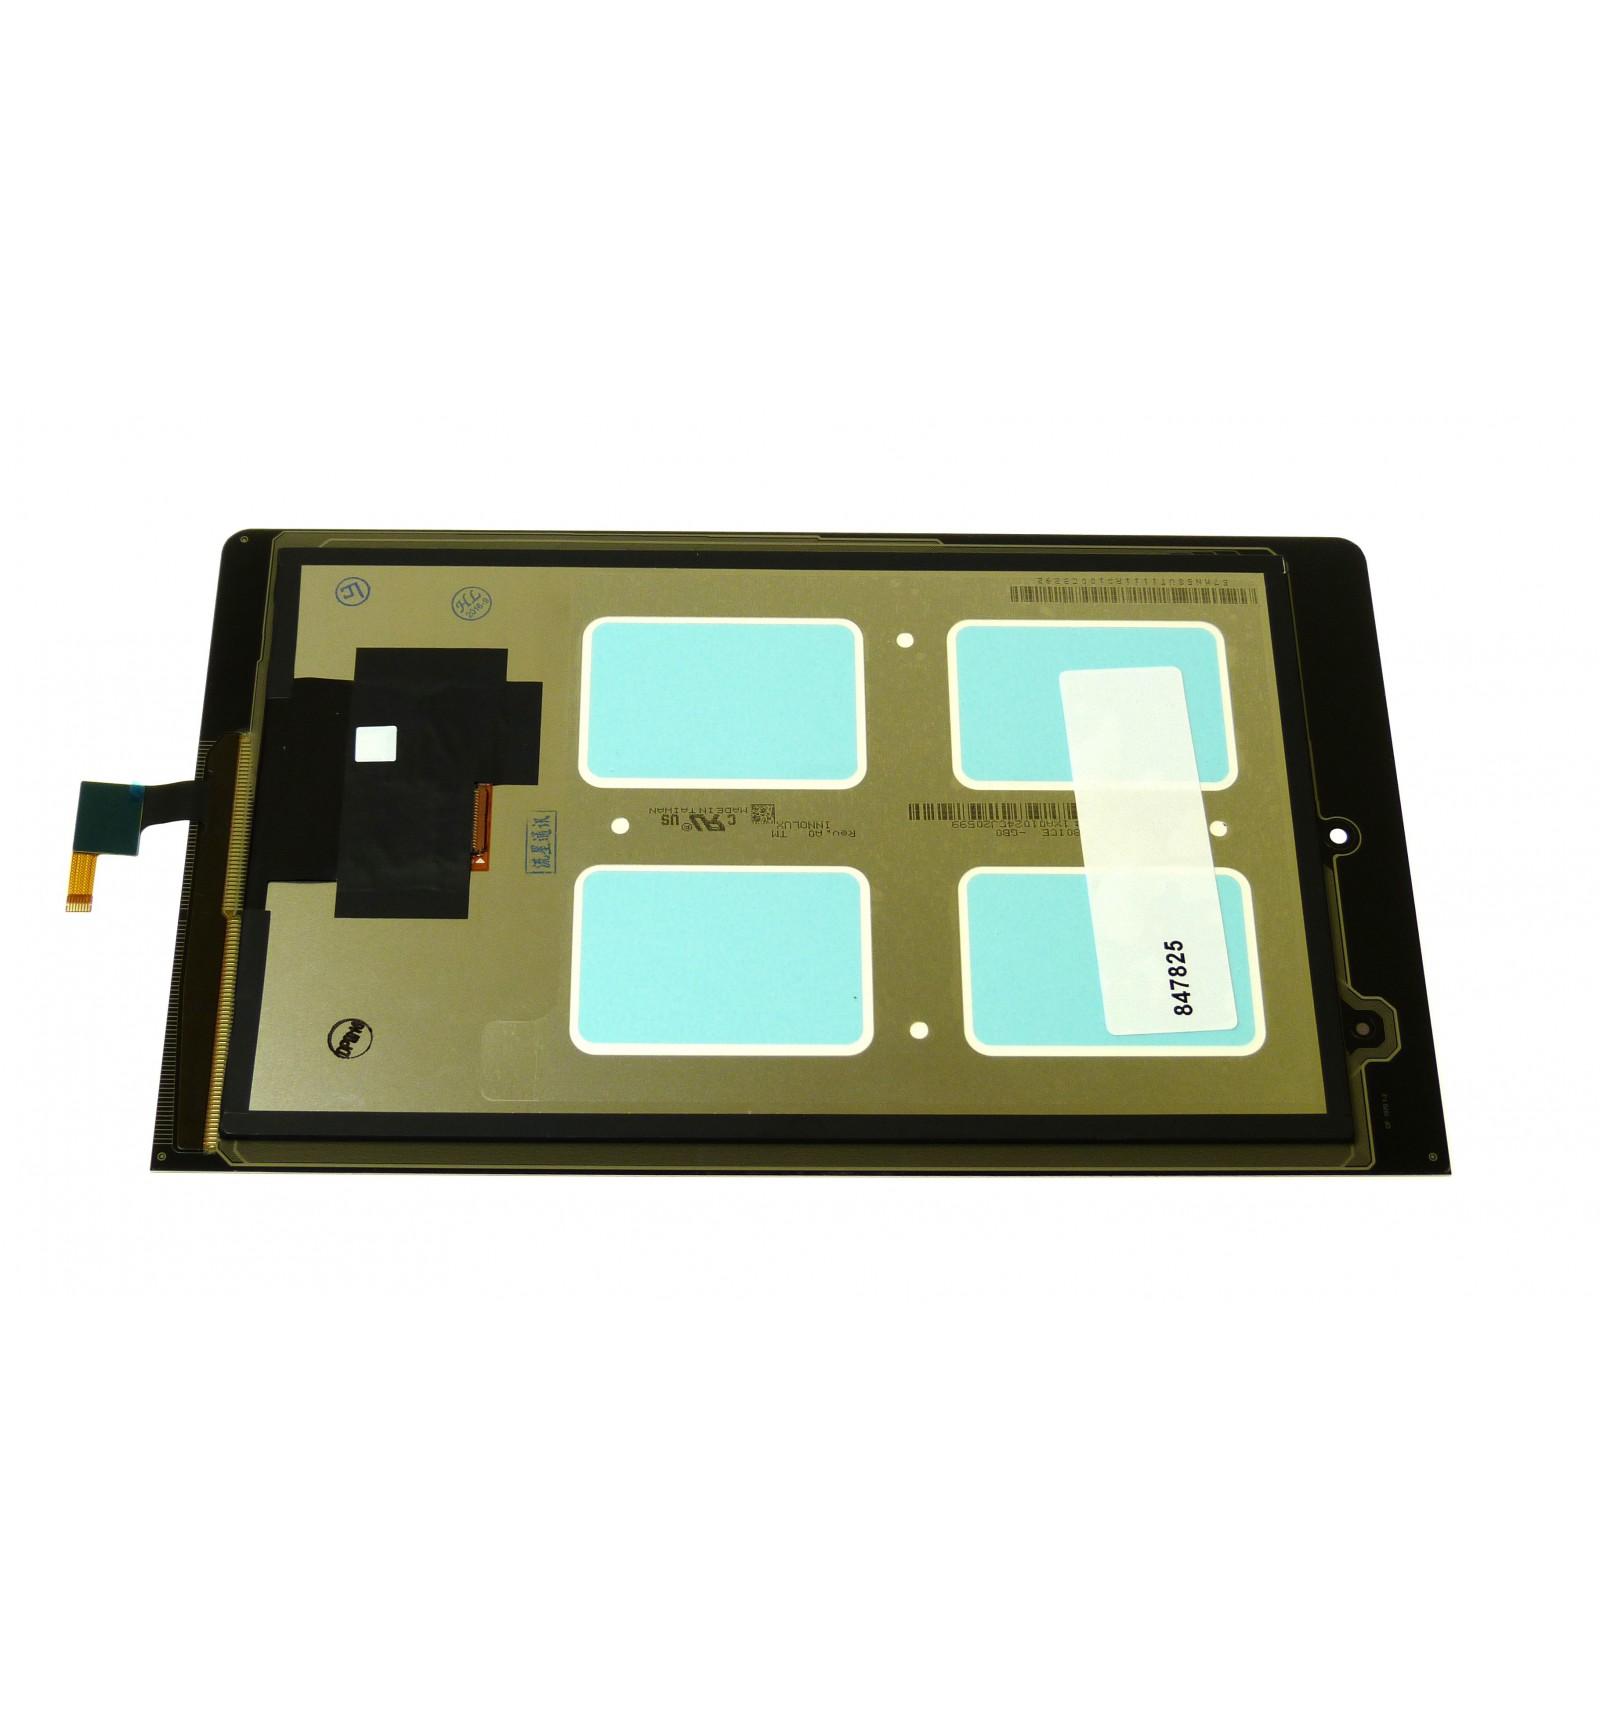 Lcd Touch Screen Oem For Lenovo Yoga Tablet 8 B6000 Tab 2v1